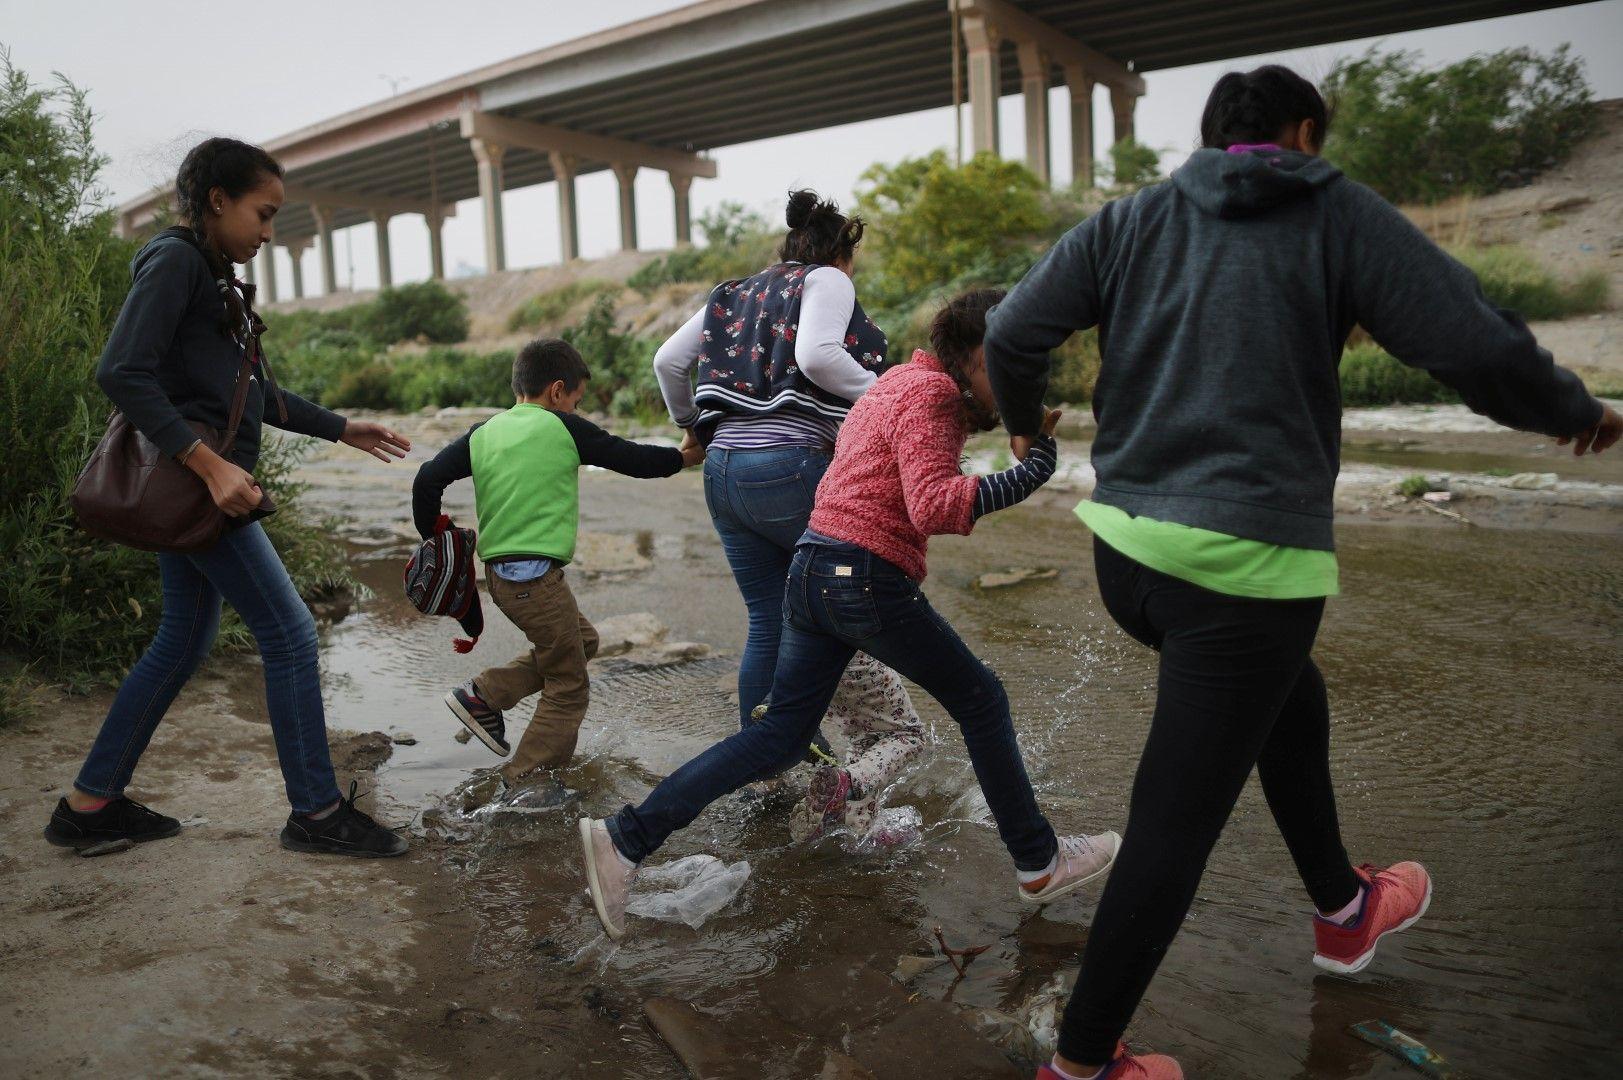 Мигранти се опитват да пресекат границата между Мексико и САЩ по река Рио Гранде при град Ел Пасо, 20 май 2019 г.